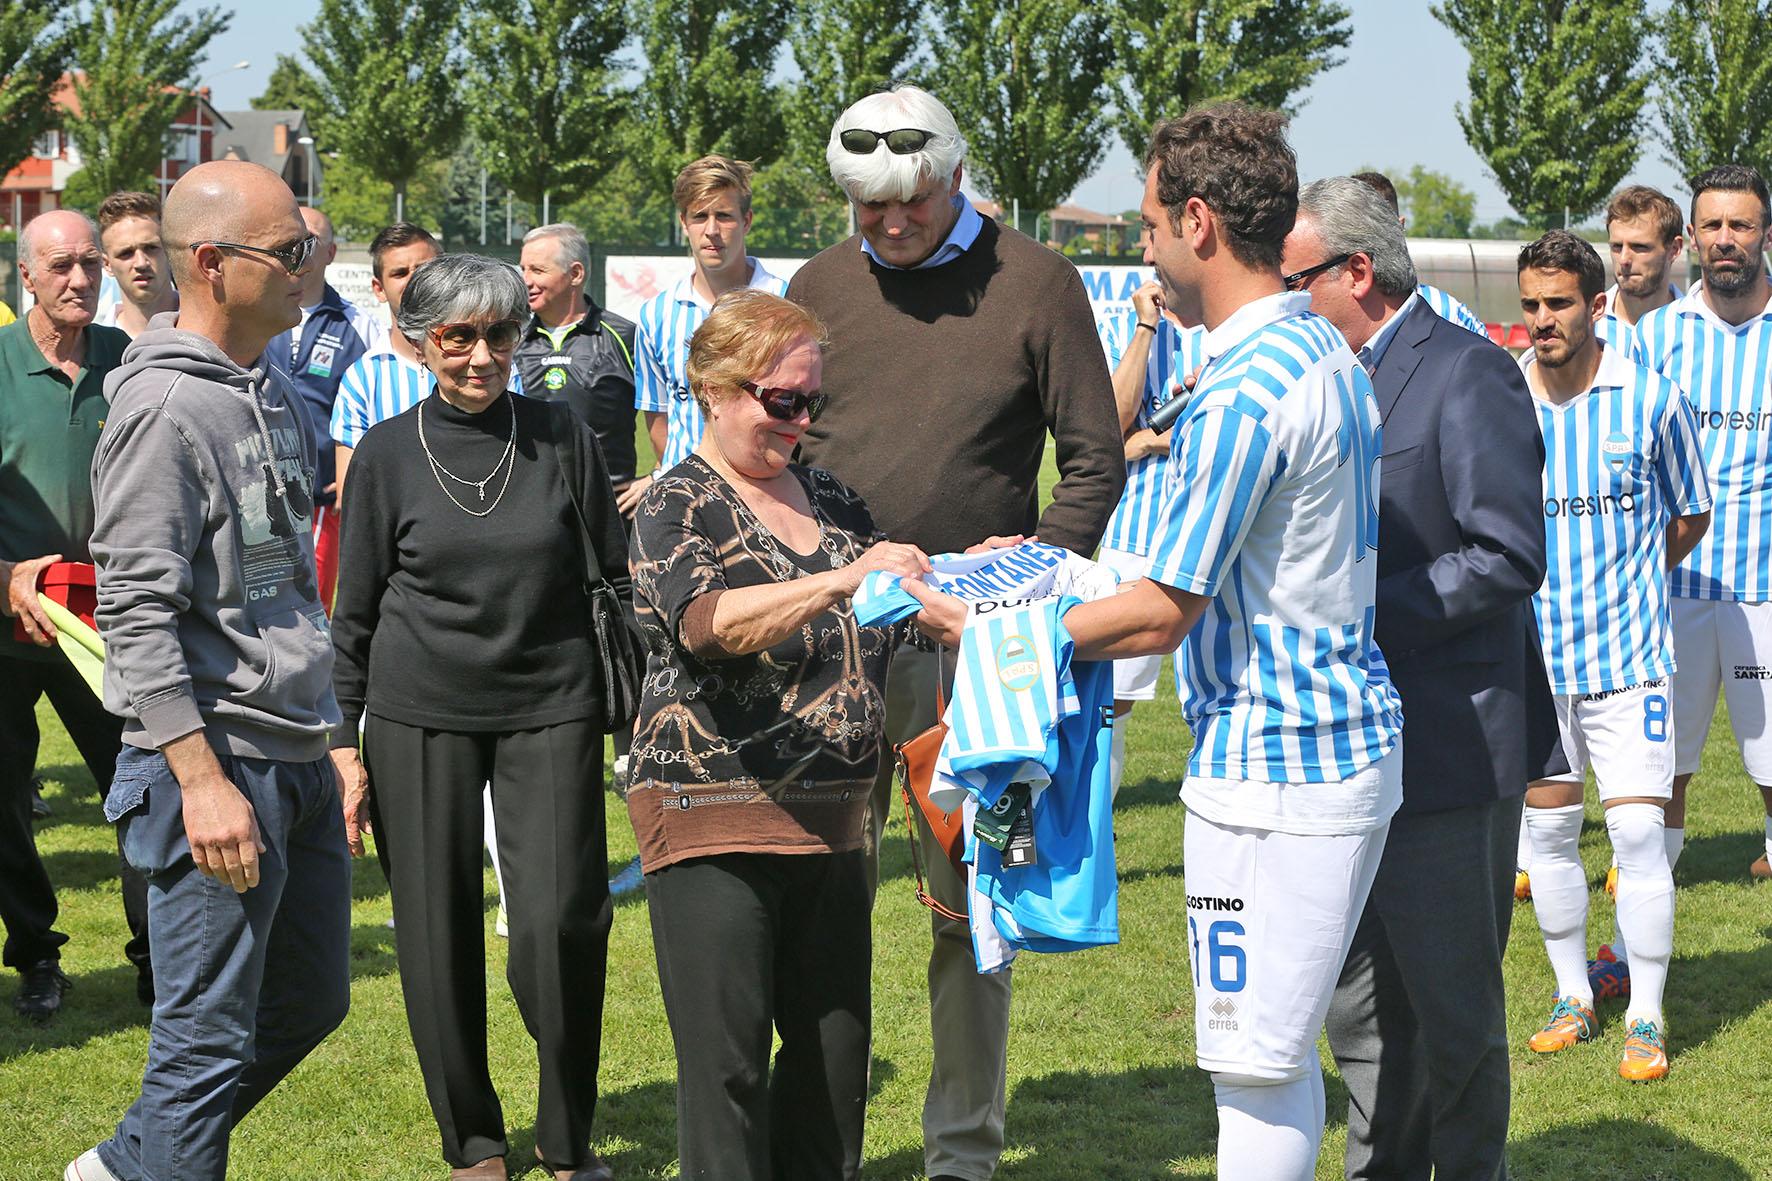 Tra foto, autografi e sorrisi, la SPAL vince 7-0 la partita in memoria di Magnani e Fontanesi